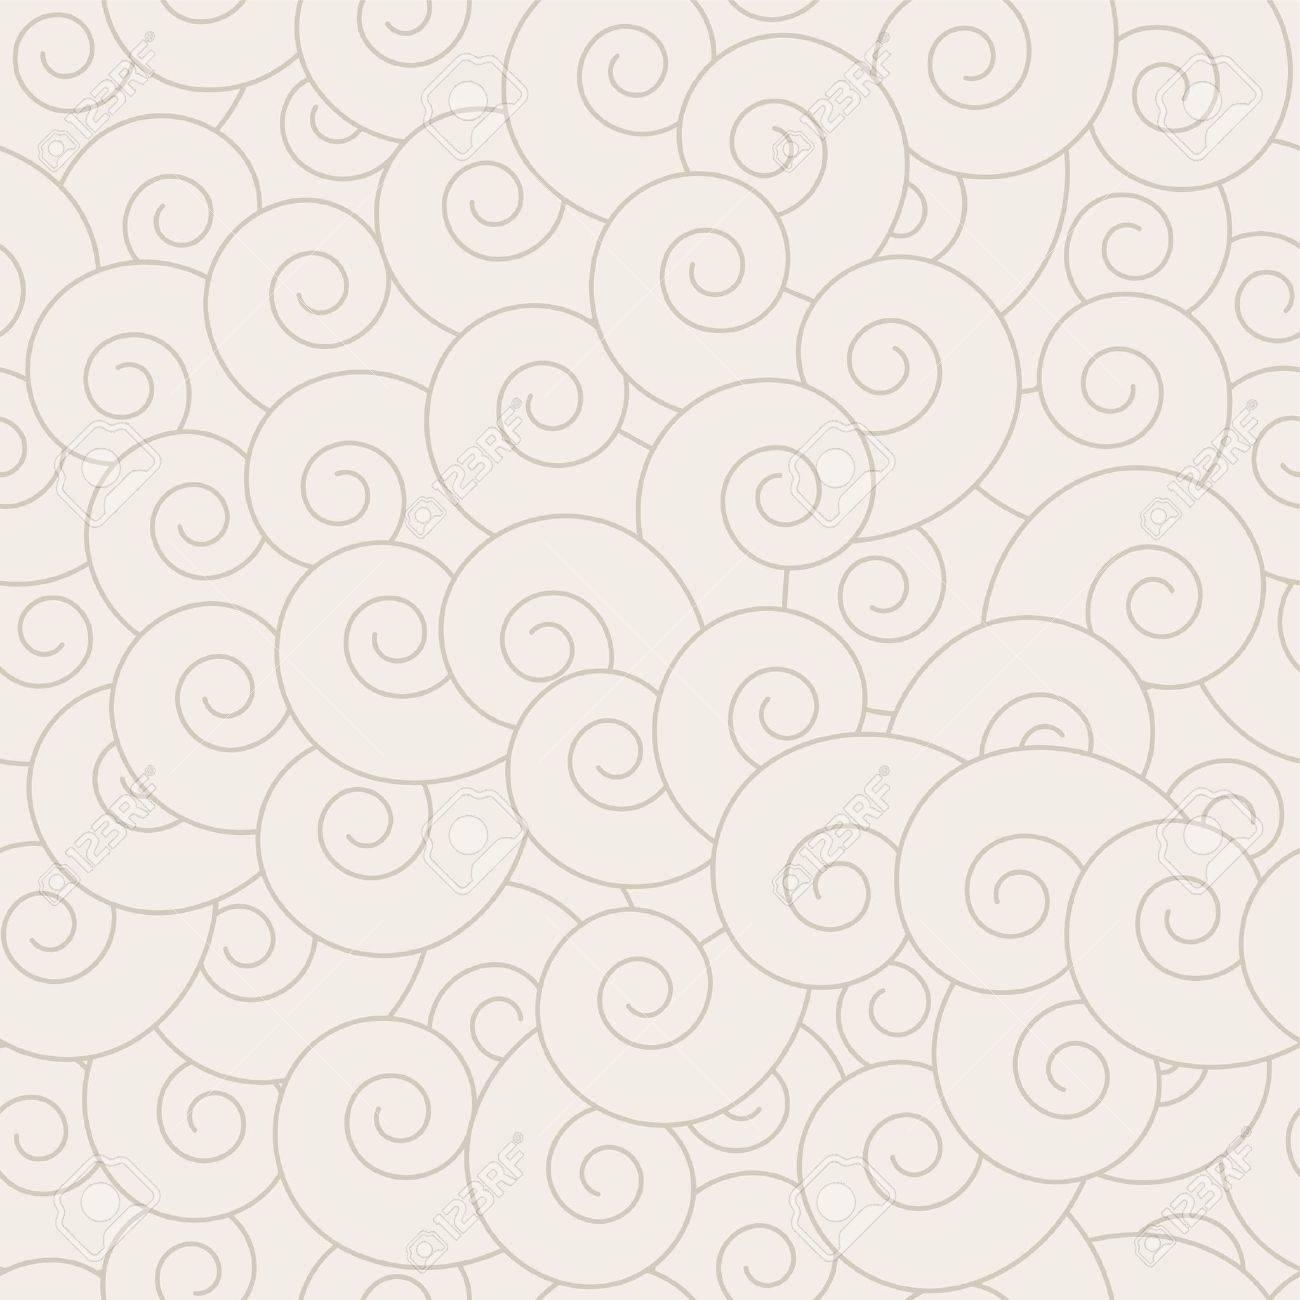 Espiral sin fisuras patrón - Fondo de vector de repetición continua. Ver  más modelos a la perfección en mi cartera.